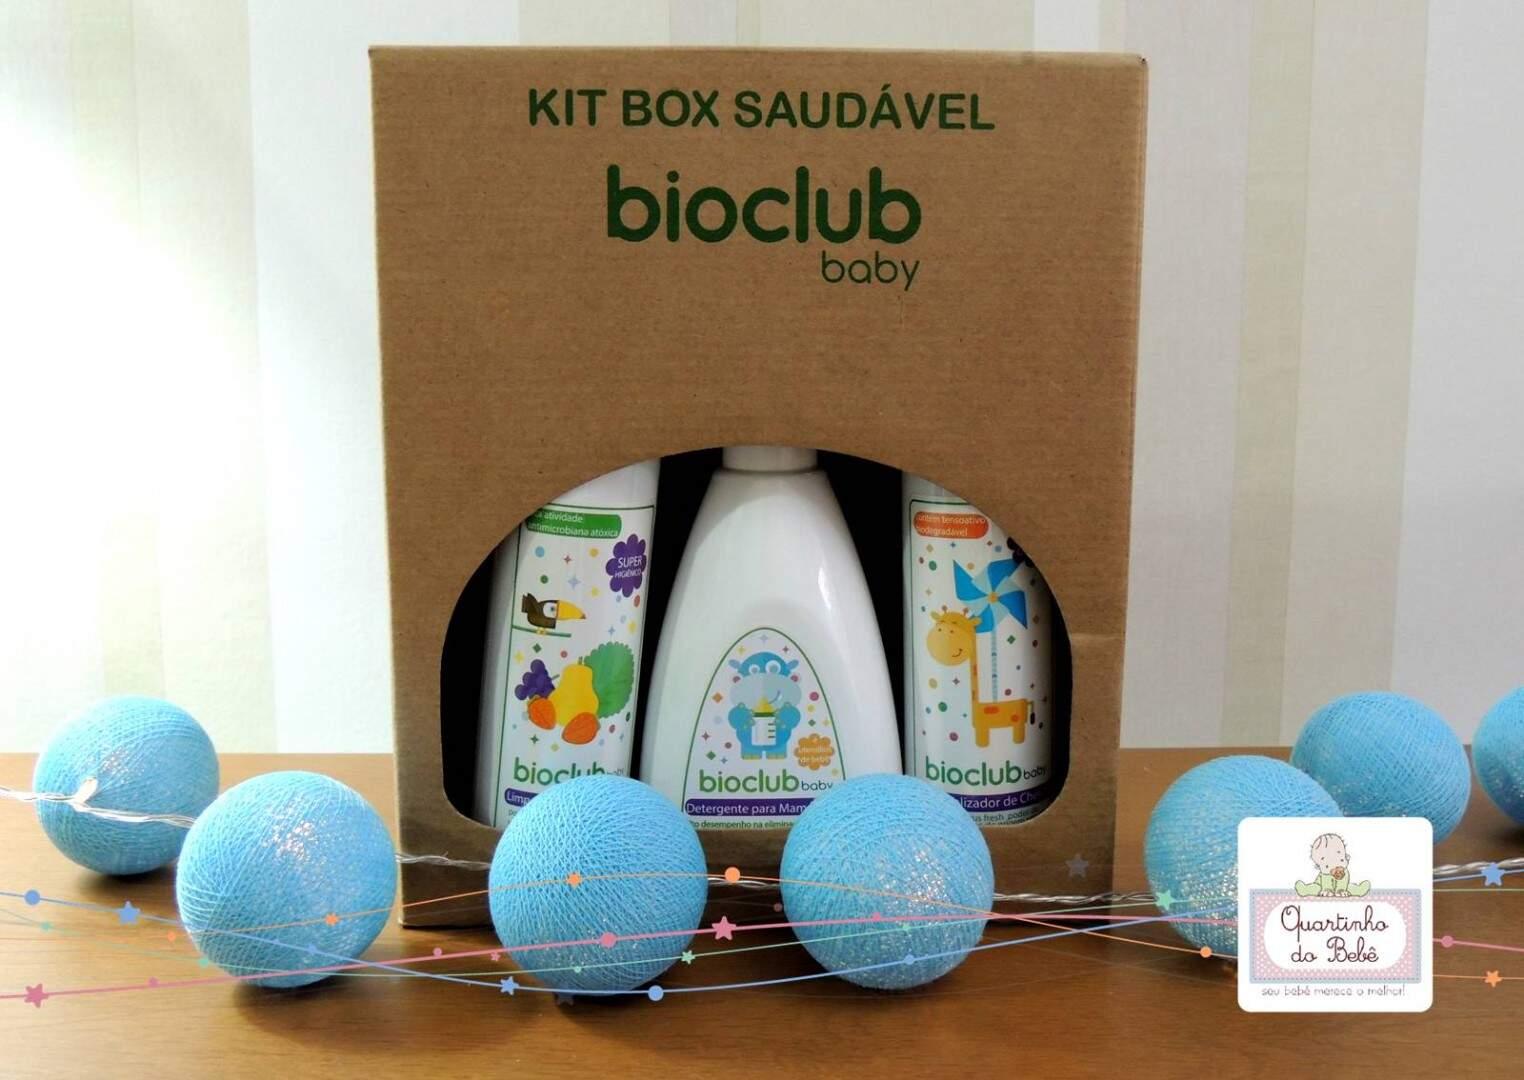 e7f78727e Kit Box Saudável Casa Bioclub 103989